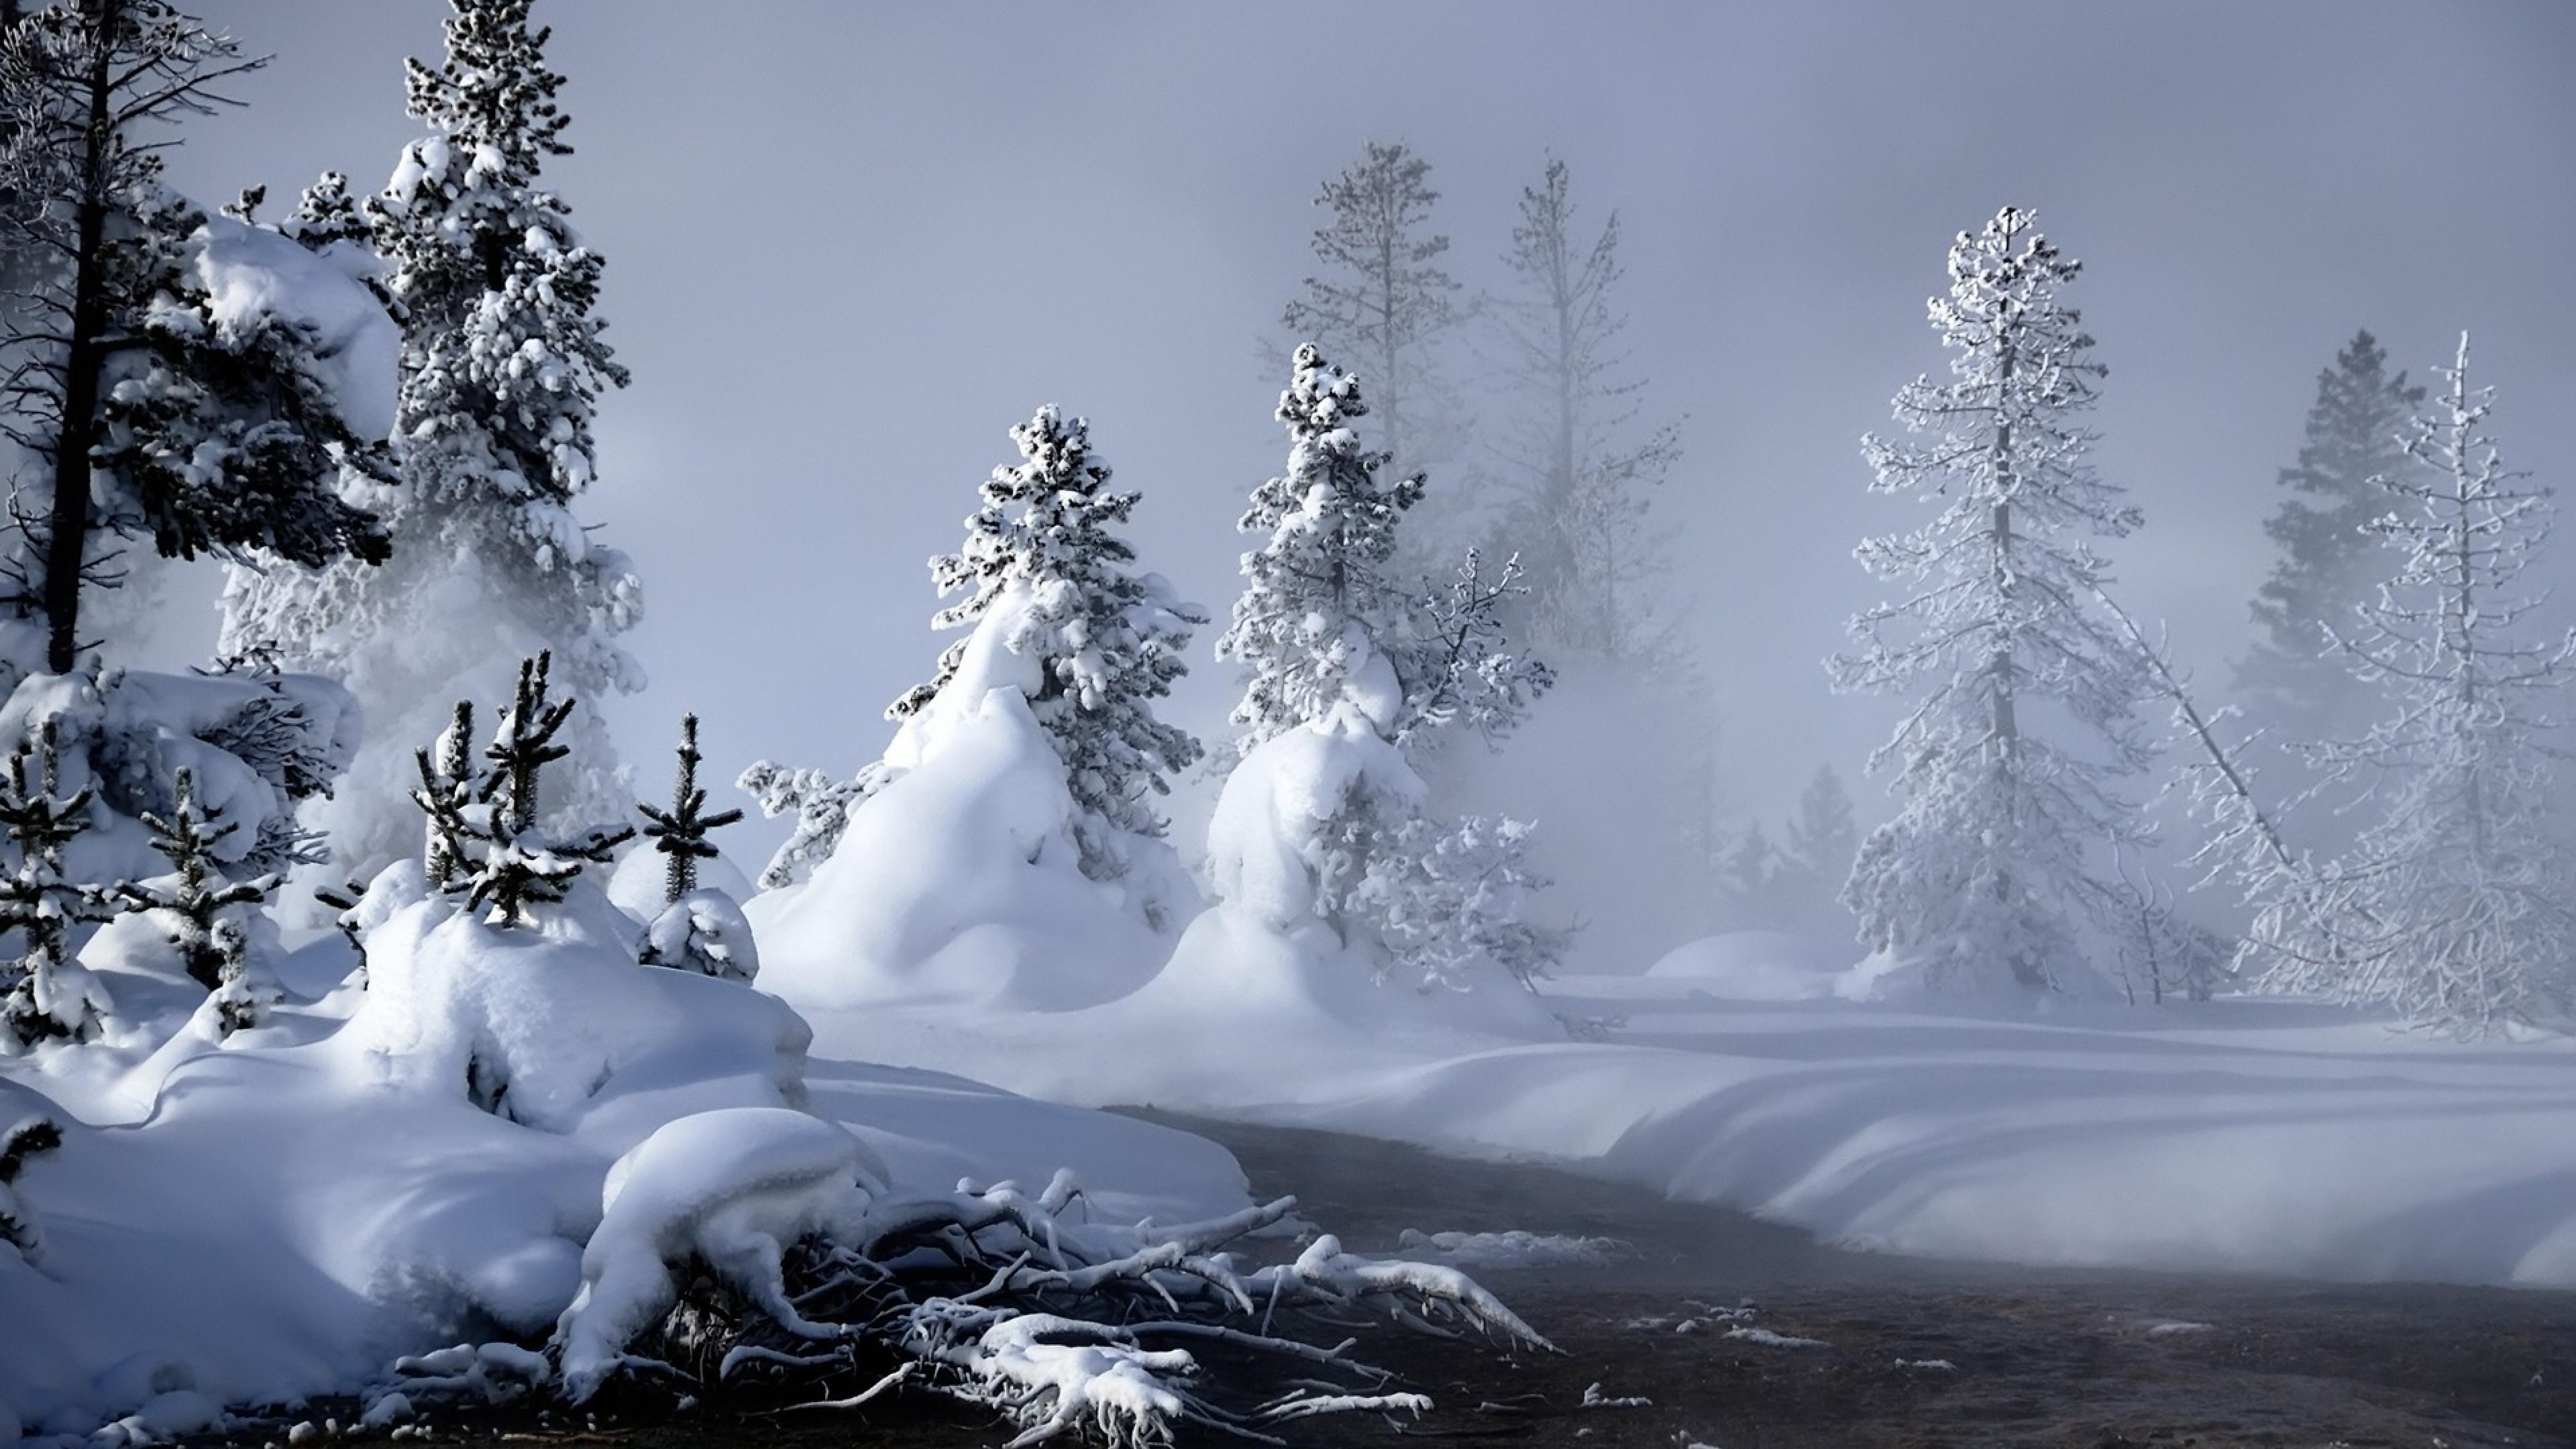 Wallpaper snow, water, fog, steam, fir-trees, trees,